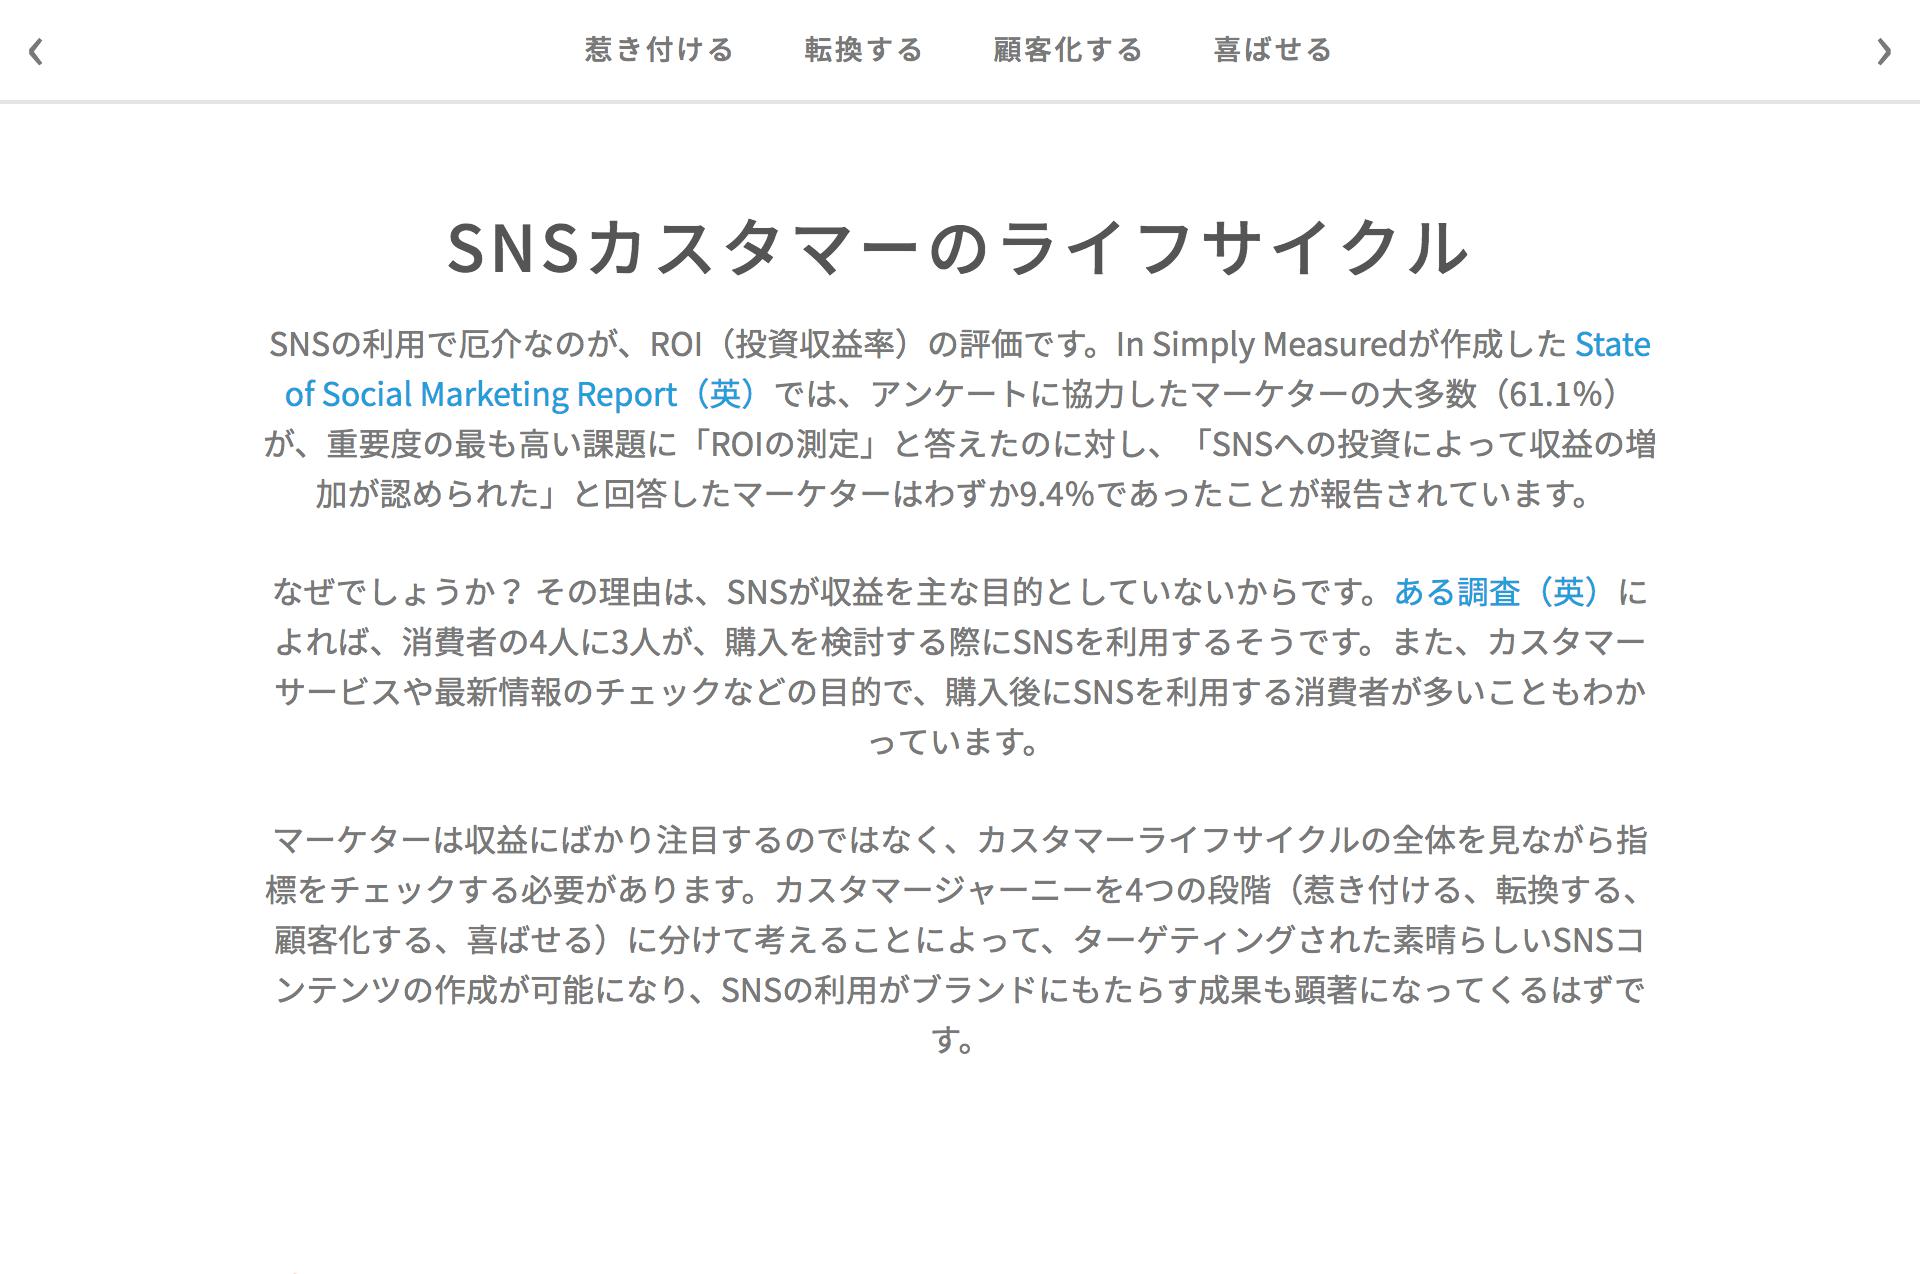 マーケティングファネルでSNSを活用する方法